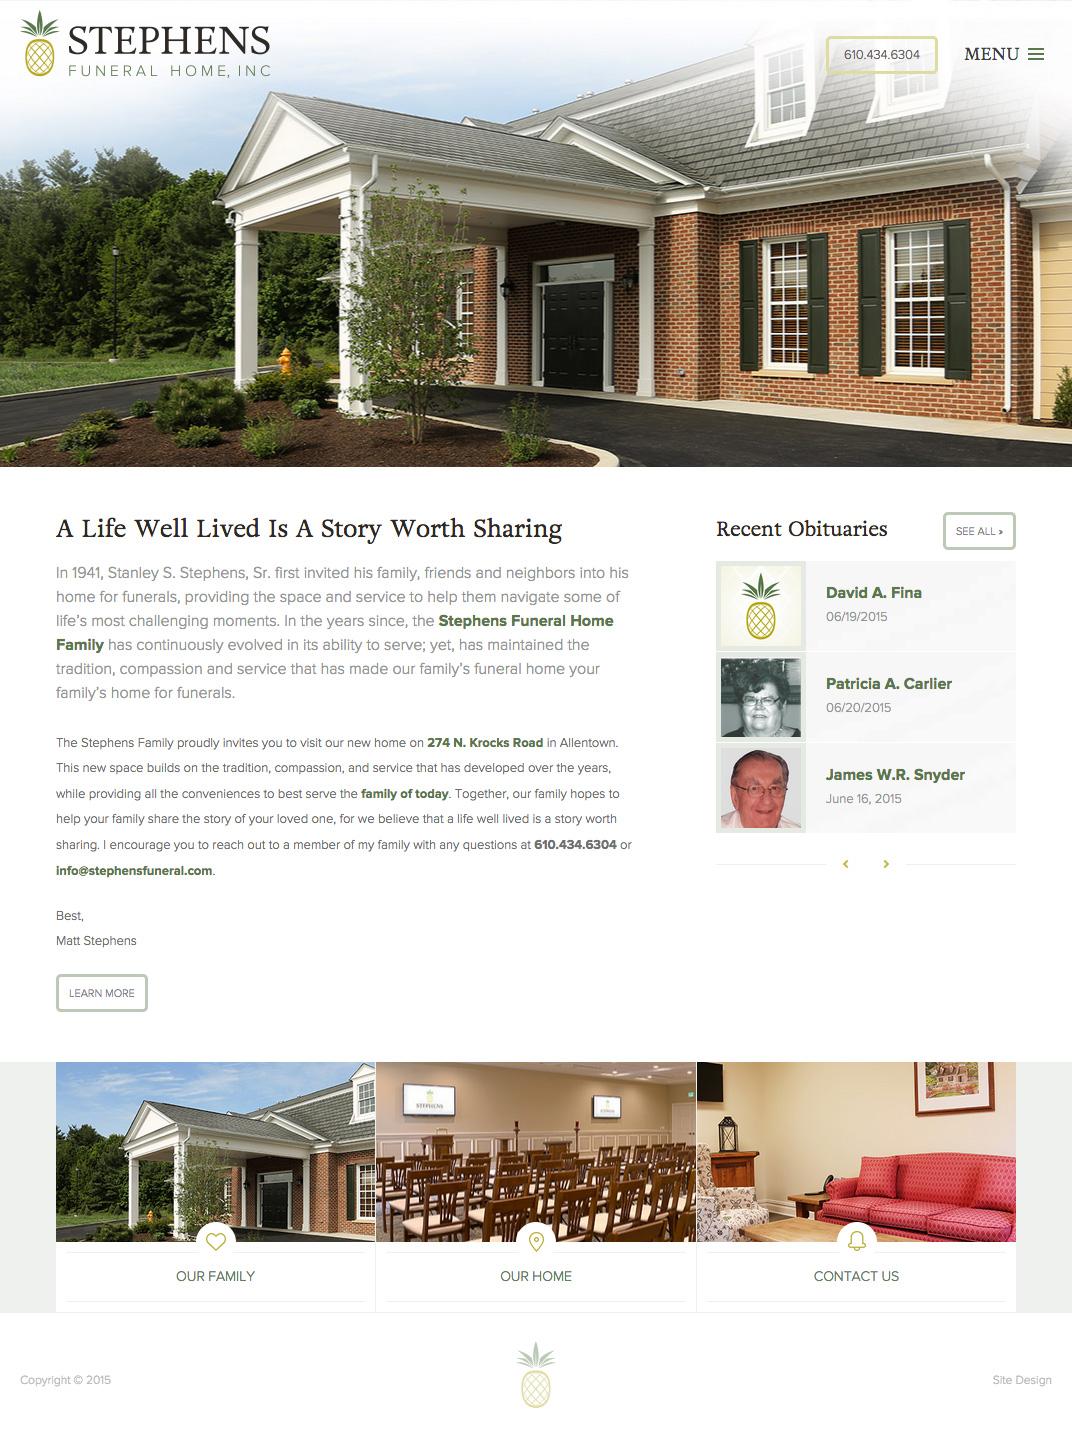 New Website For Allentown Funeral Home - J Taylor Design